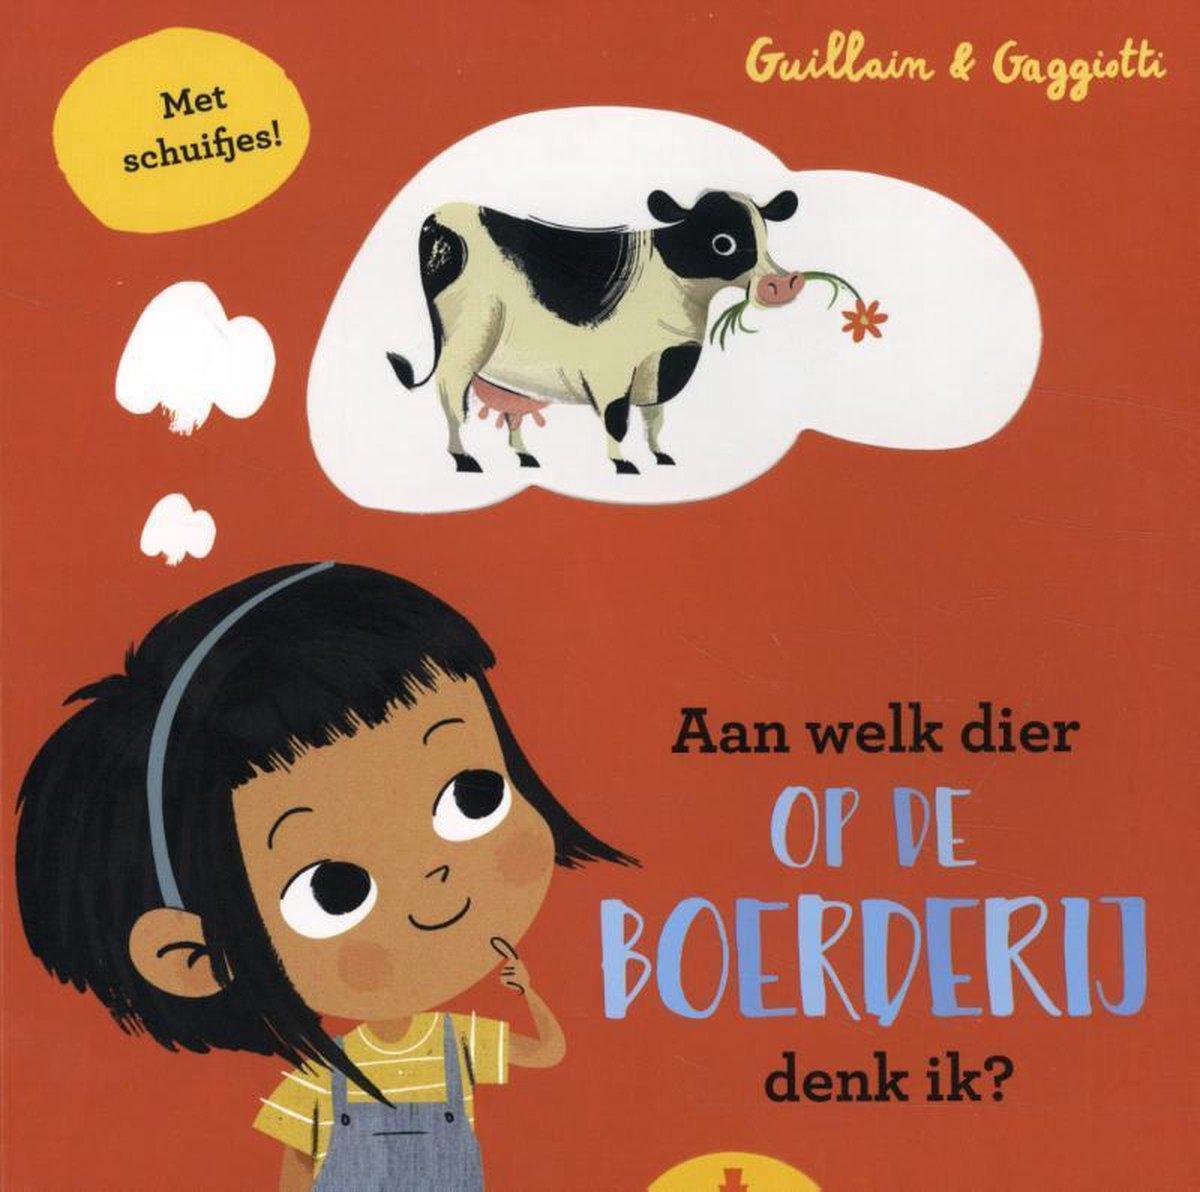 Boek cover van 'Aan welk dier op de boerderij denk ik?' vertaald door Naomi Tieman